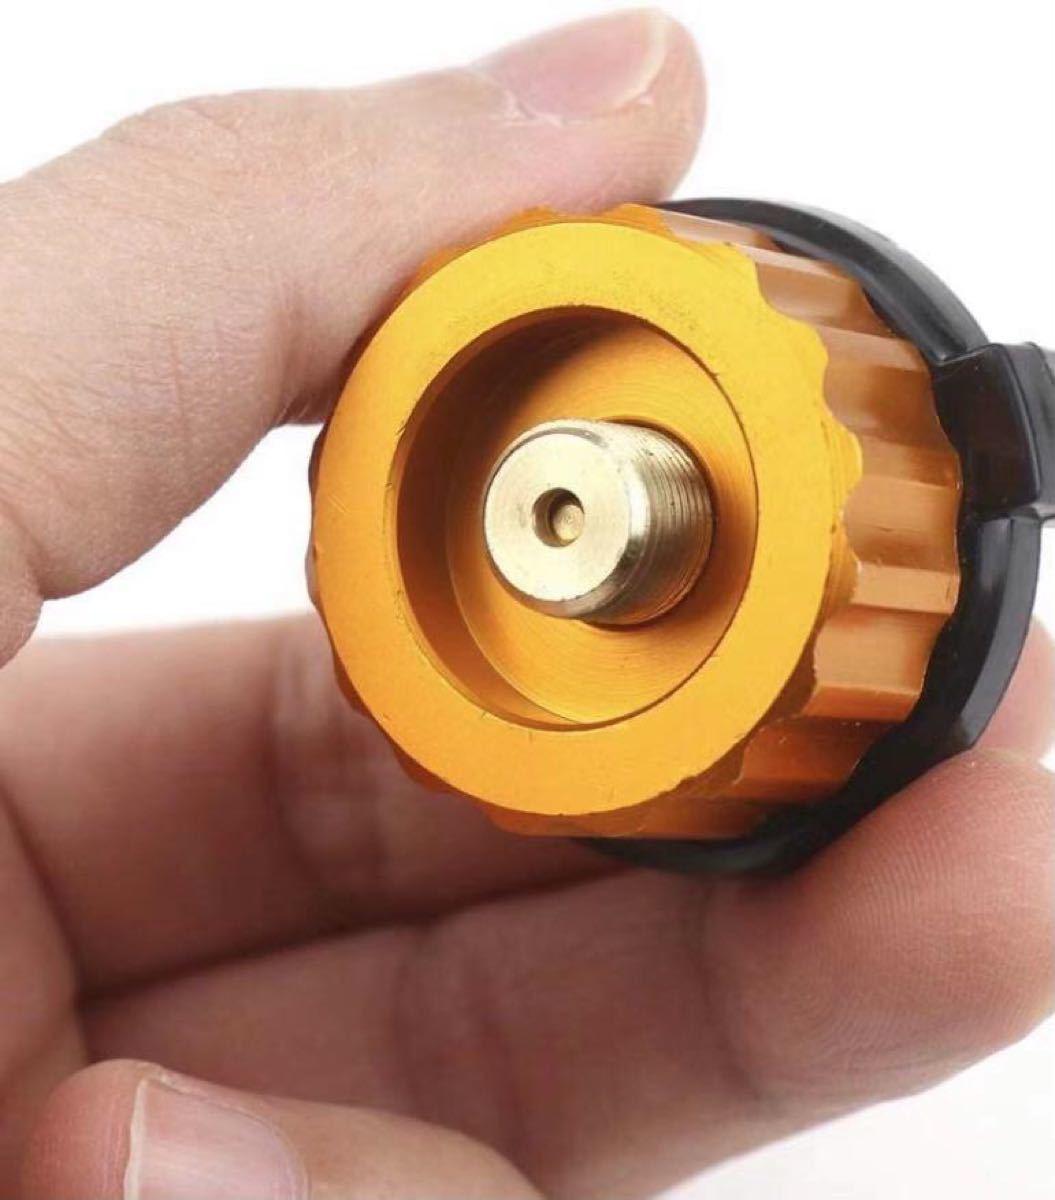 ガス缶 変換アダプター ガス変換器カセットガスアダプターODCB缶詰め替えスペア